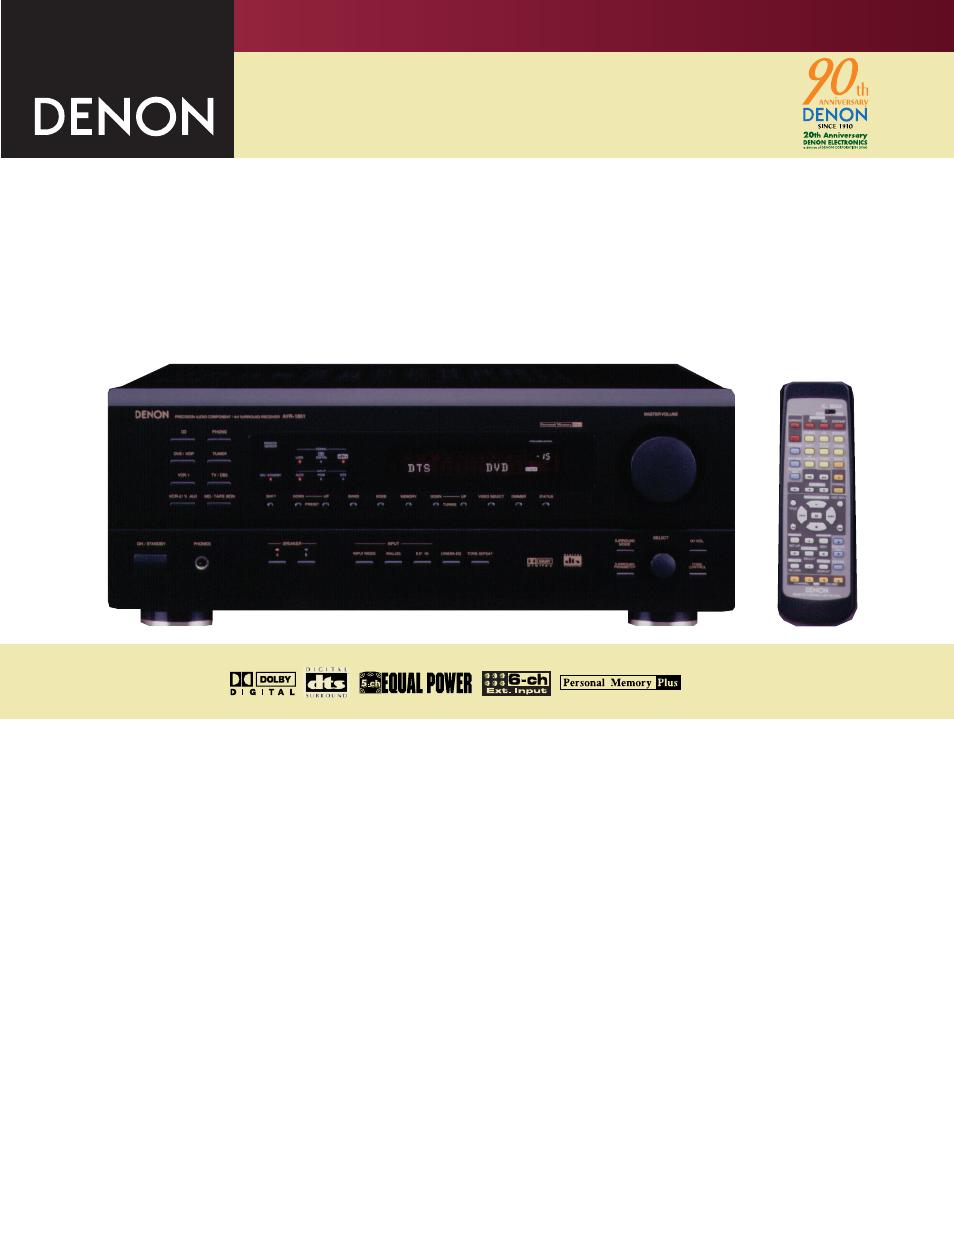 denon avr 1801 user manual 2 pages rh manualsdir com Denon AVR 1801 Specs Denon AVR- 1610